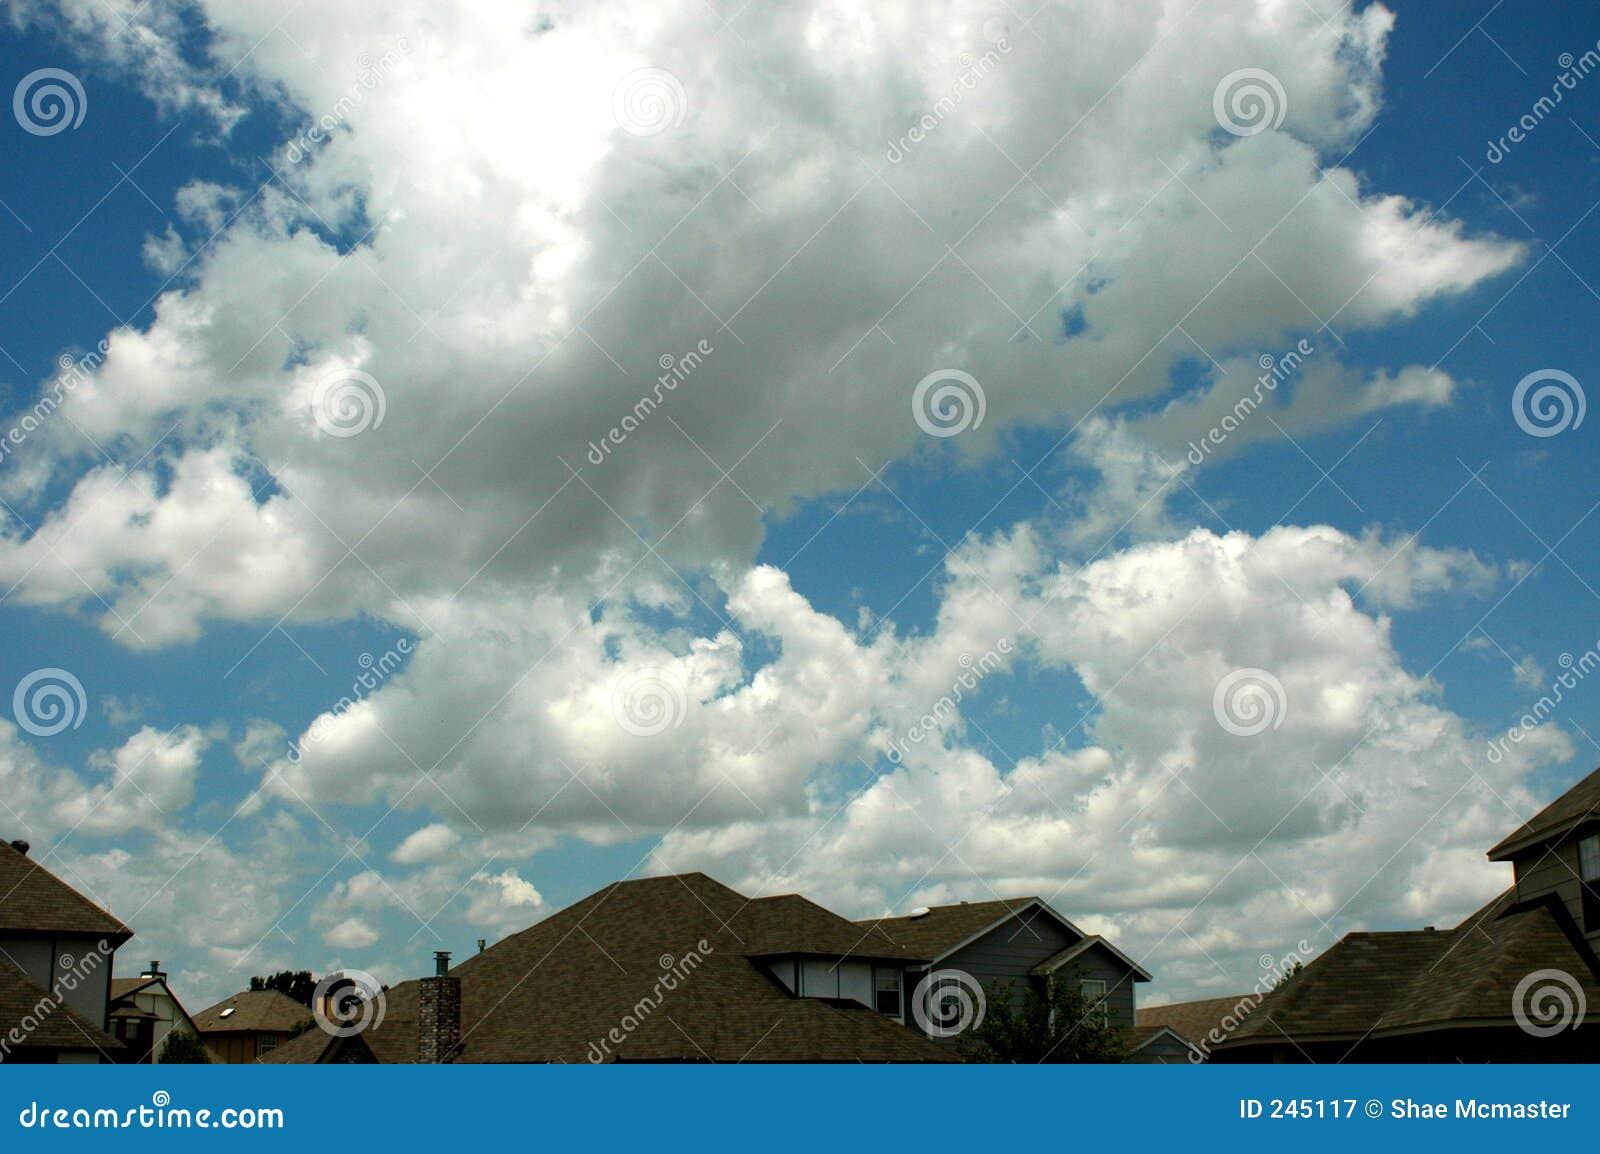 Wolken über Häusern Bild. Bild: 245117